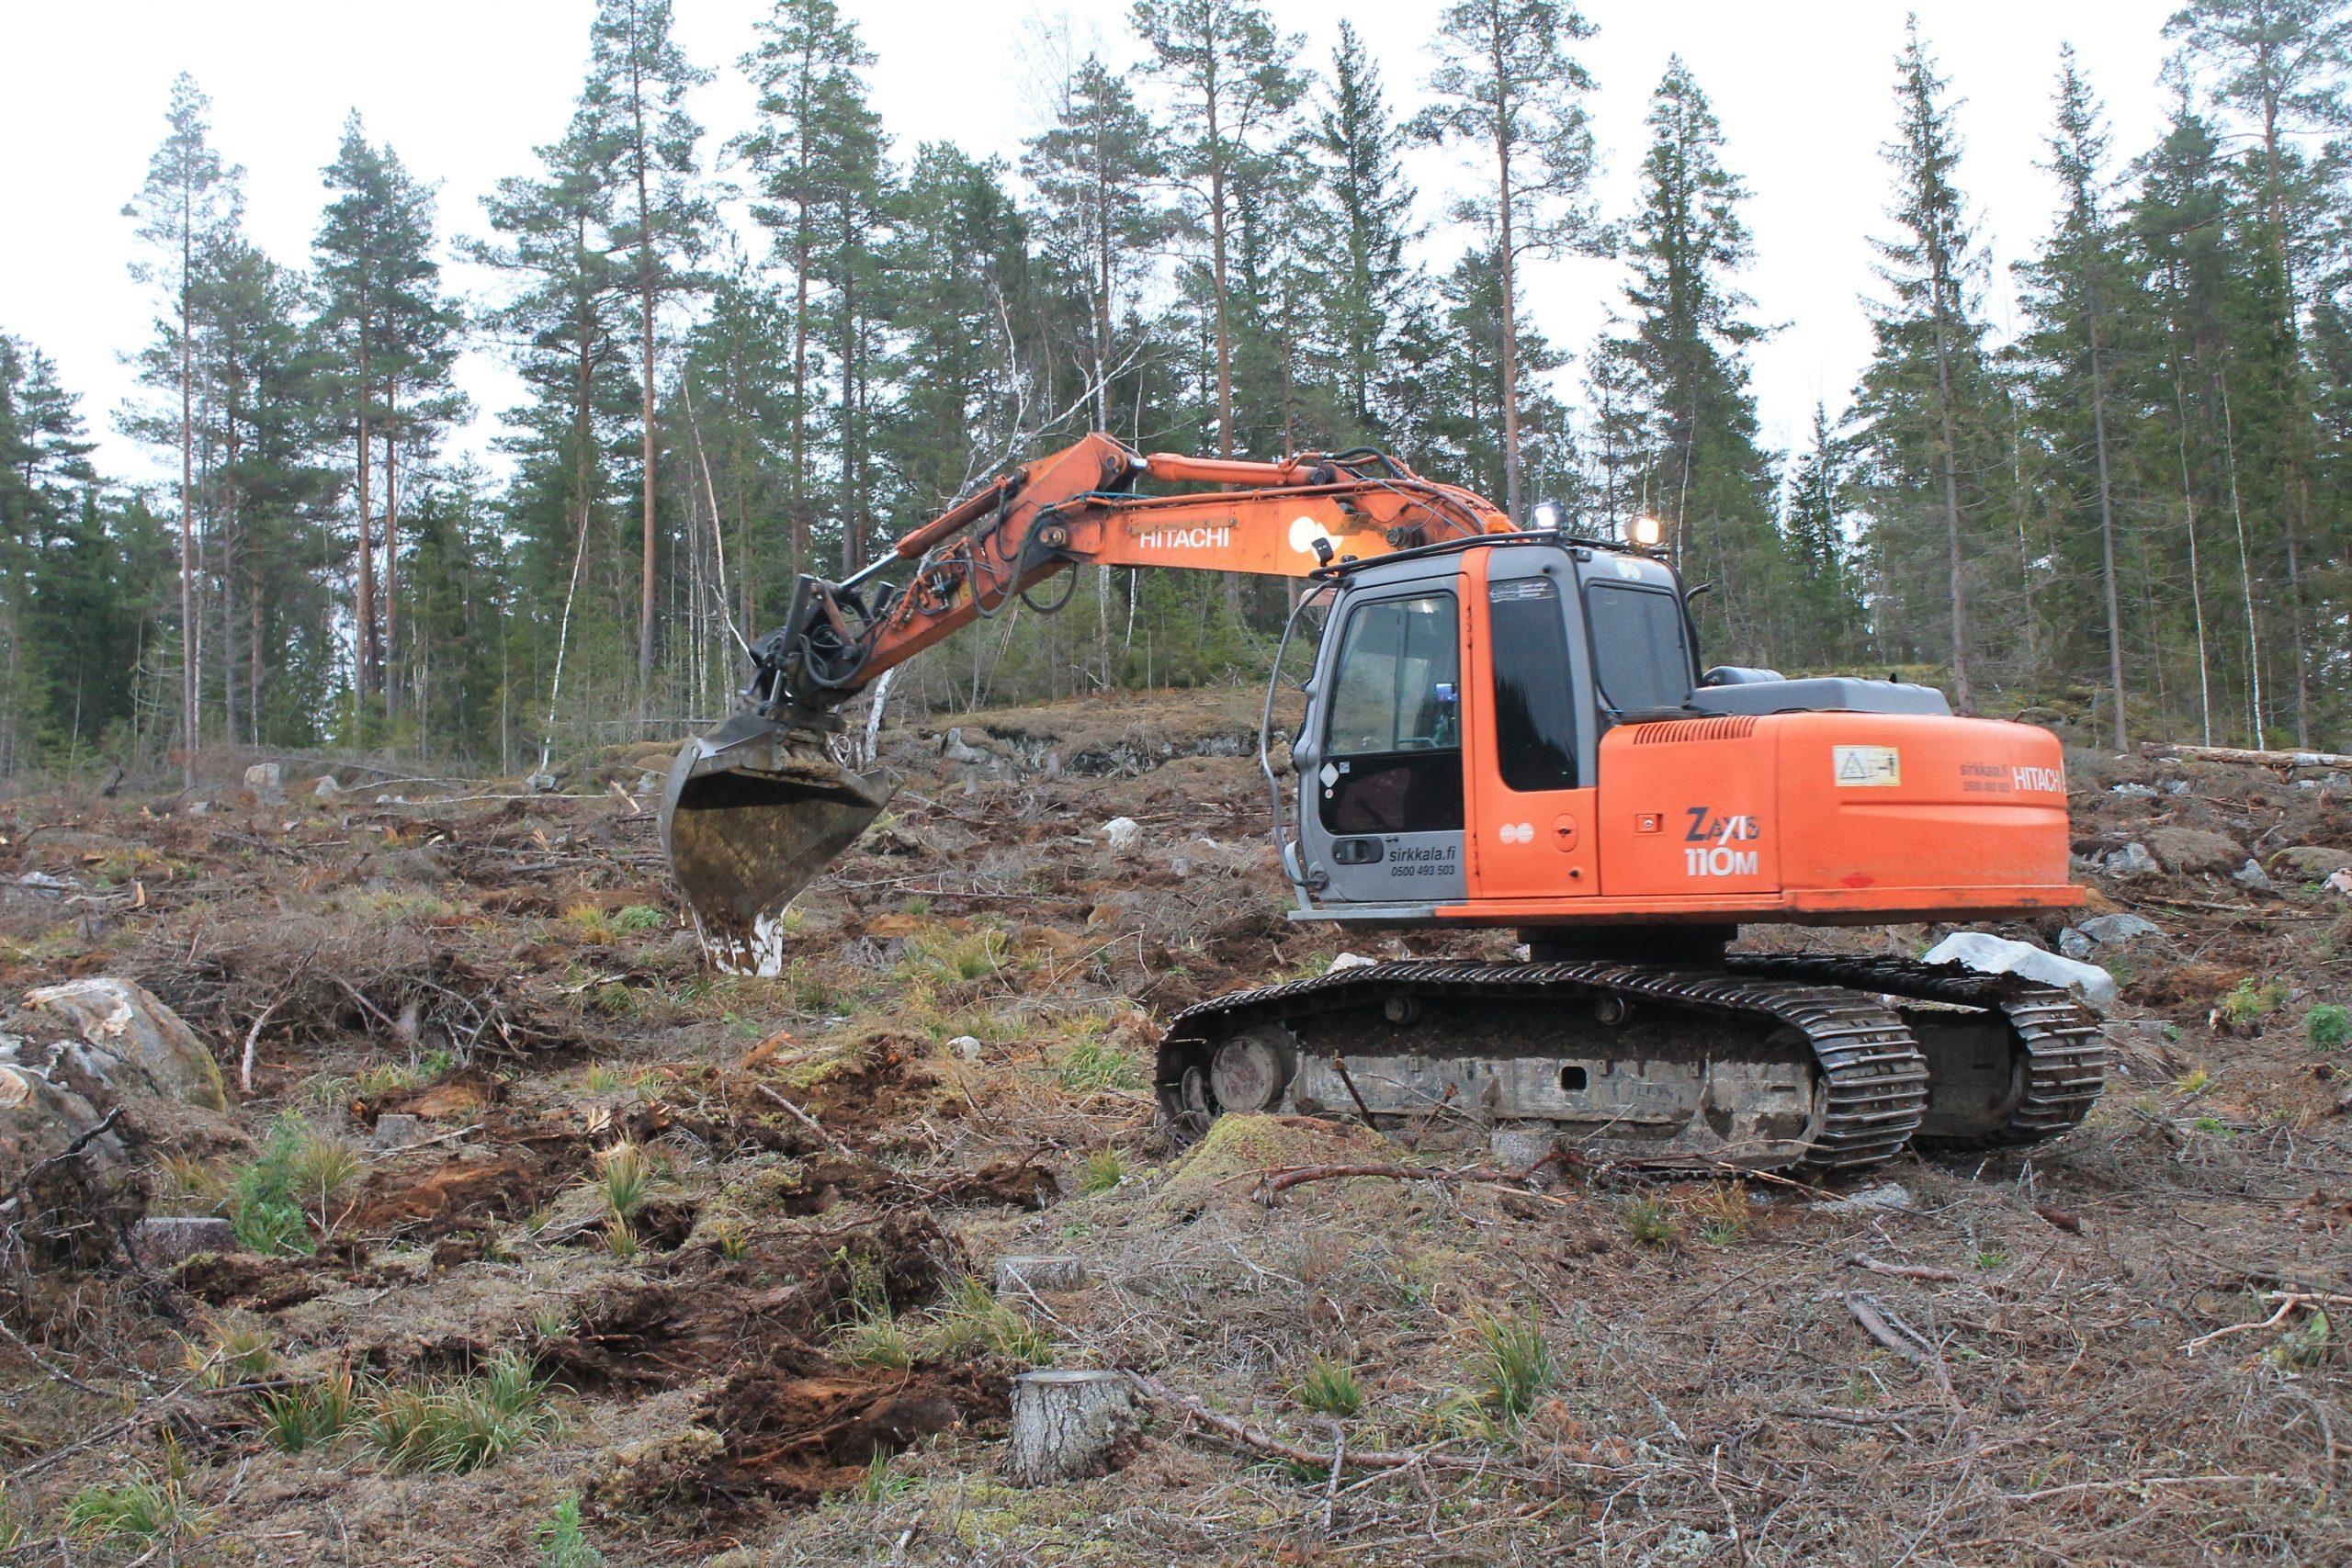 Maanmuokkauksella luodaan otolliset kasvuolosuhteet uusille puun taimille ensimmäisten kasvuvuosien ajaksi.